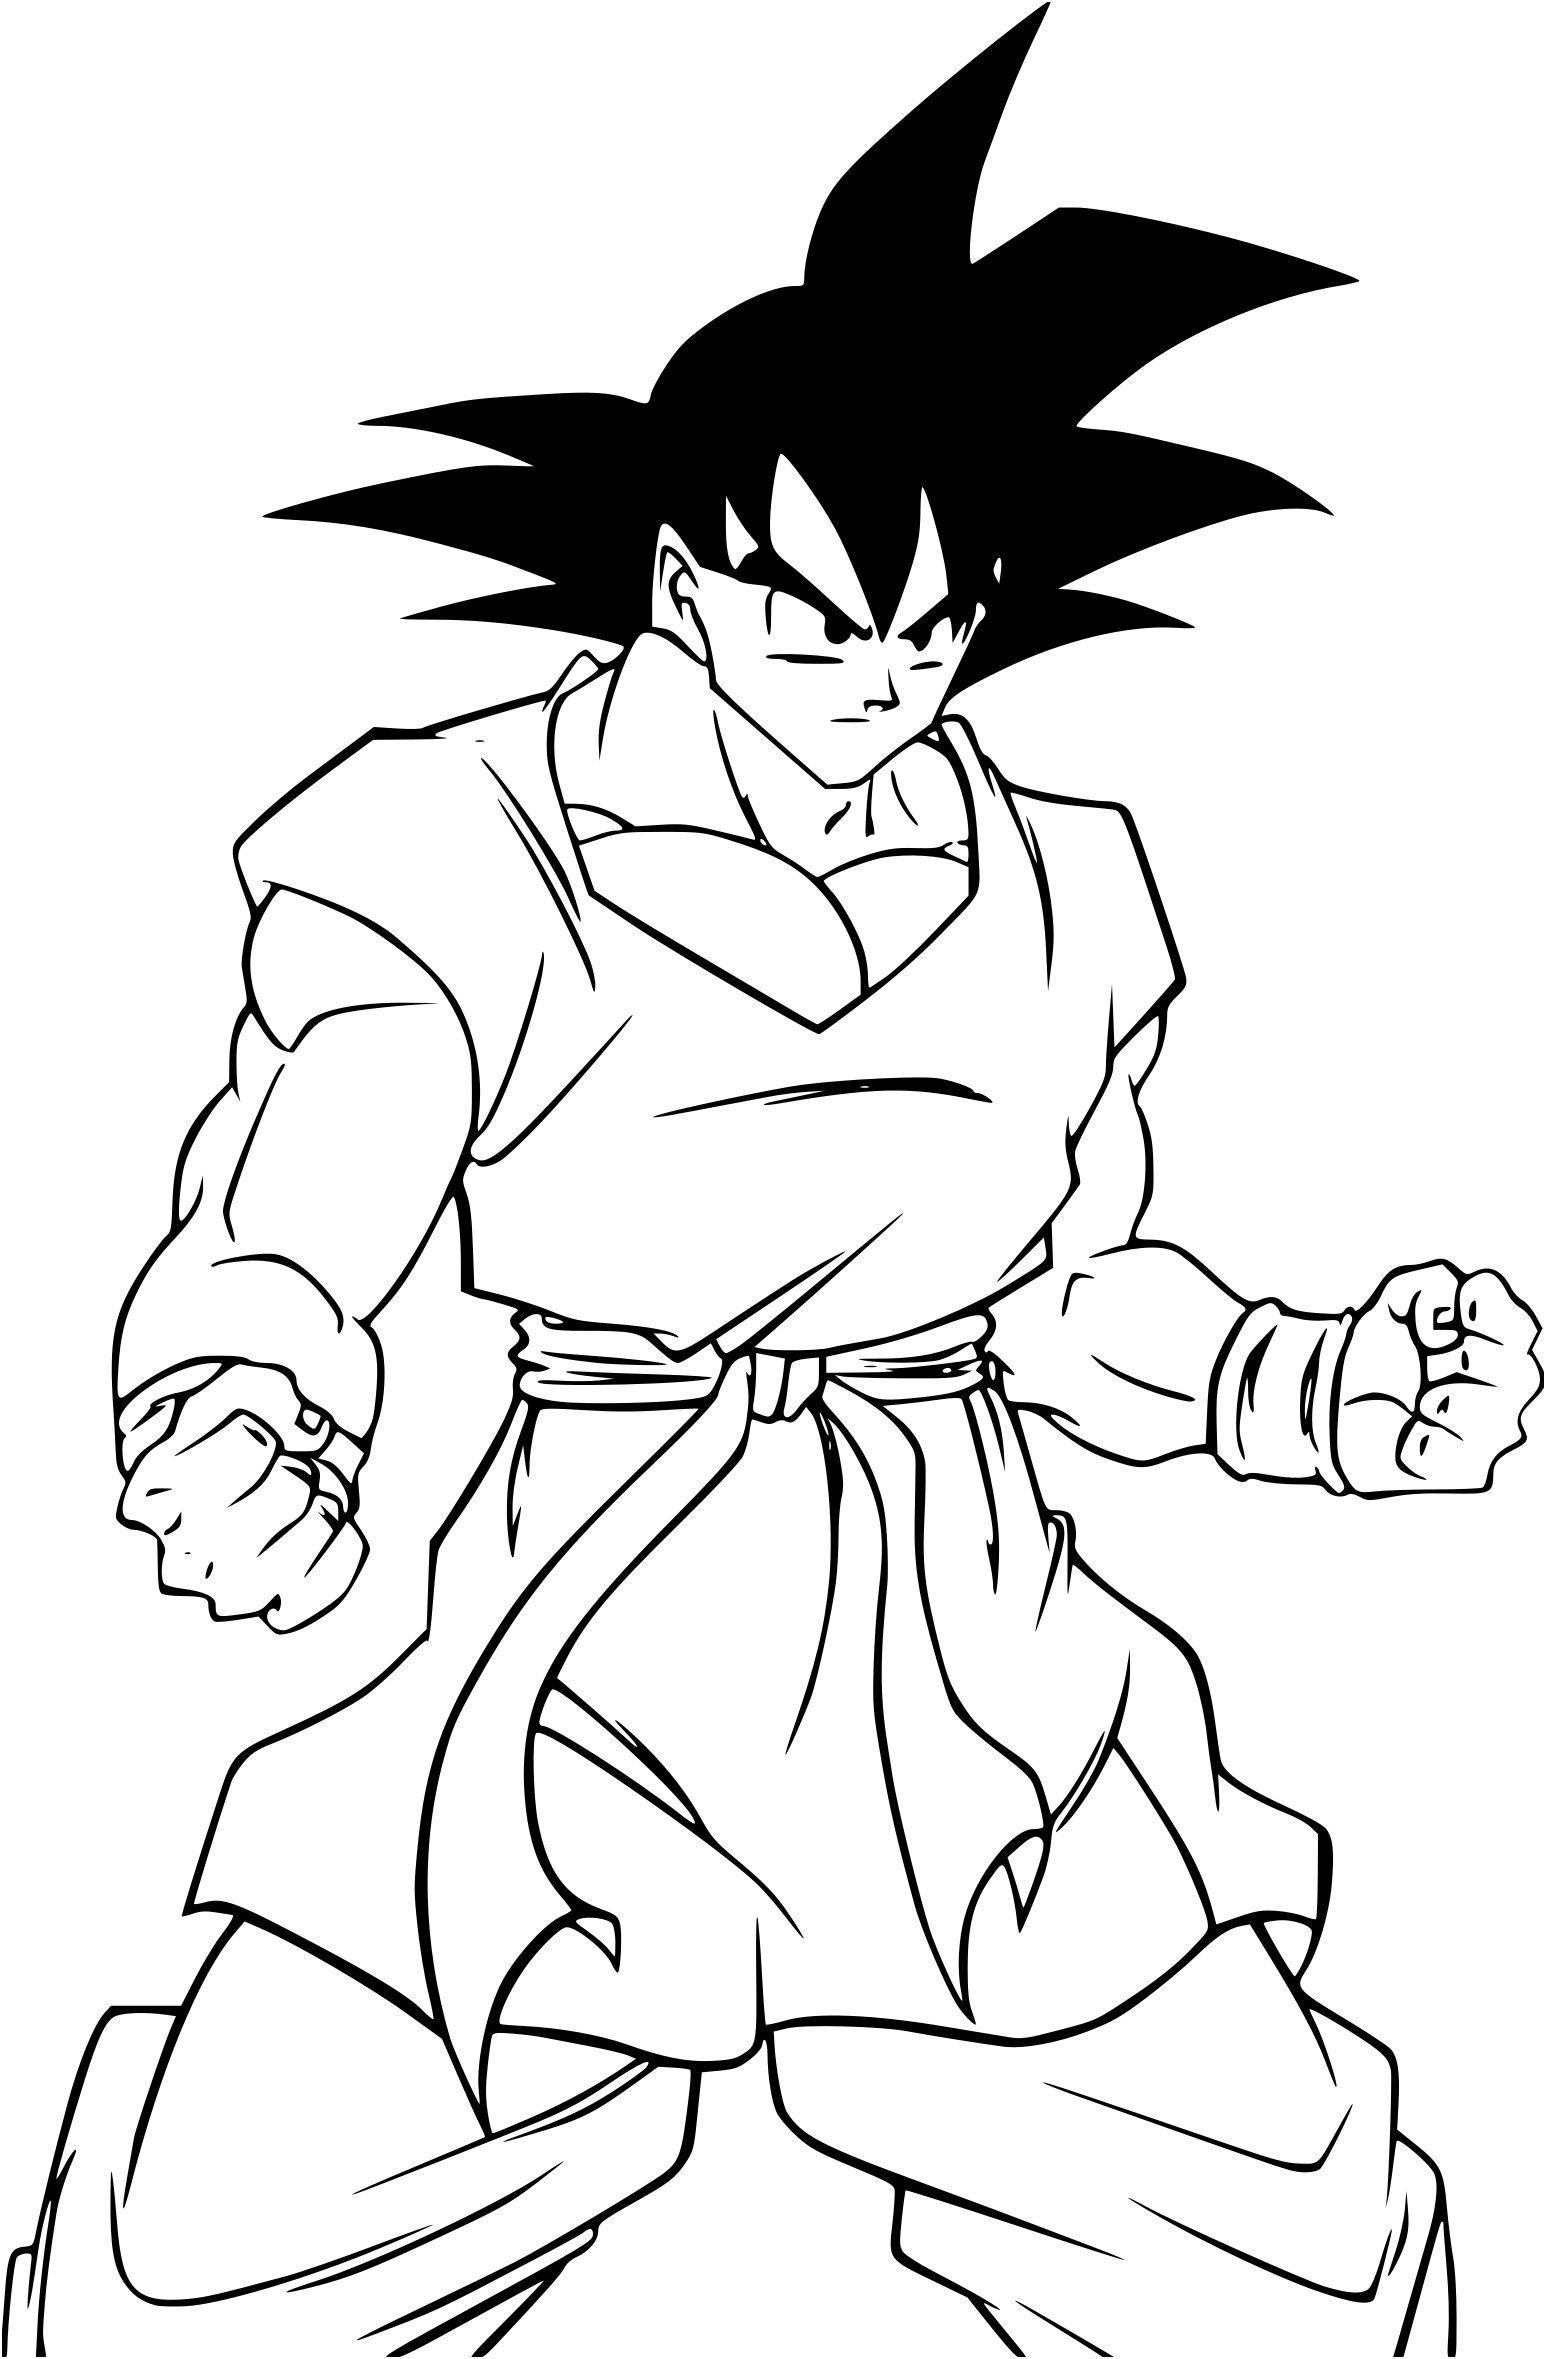 Coloriage Son Goku Dragon Ball Z A Imprimer Sur Coloriages Coloriage Dragon Coloriage Dragon Ball Coloriage Dbz